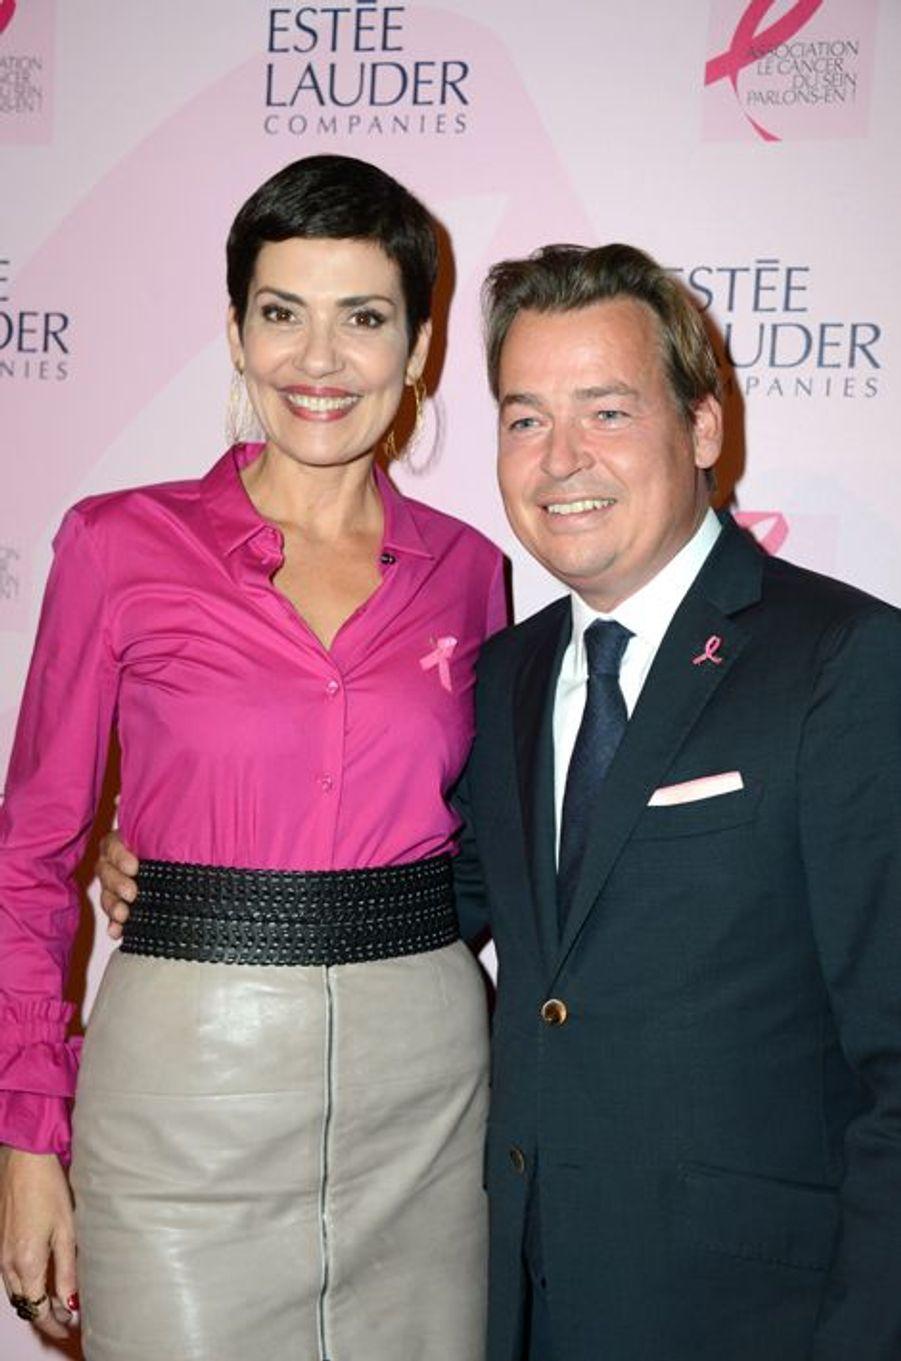 Cristina Cordula et Henk Van der Mark à la soirée Ruban Rose 2014 au Palais Chaillot le 7 octobre 2014 à Paris